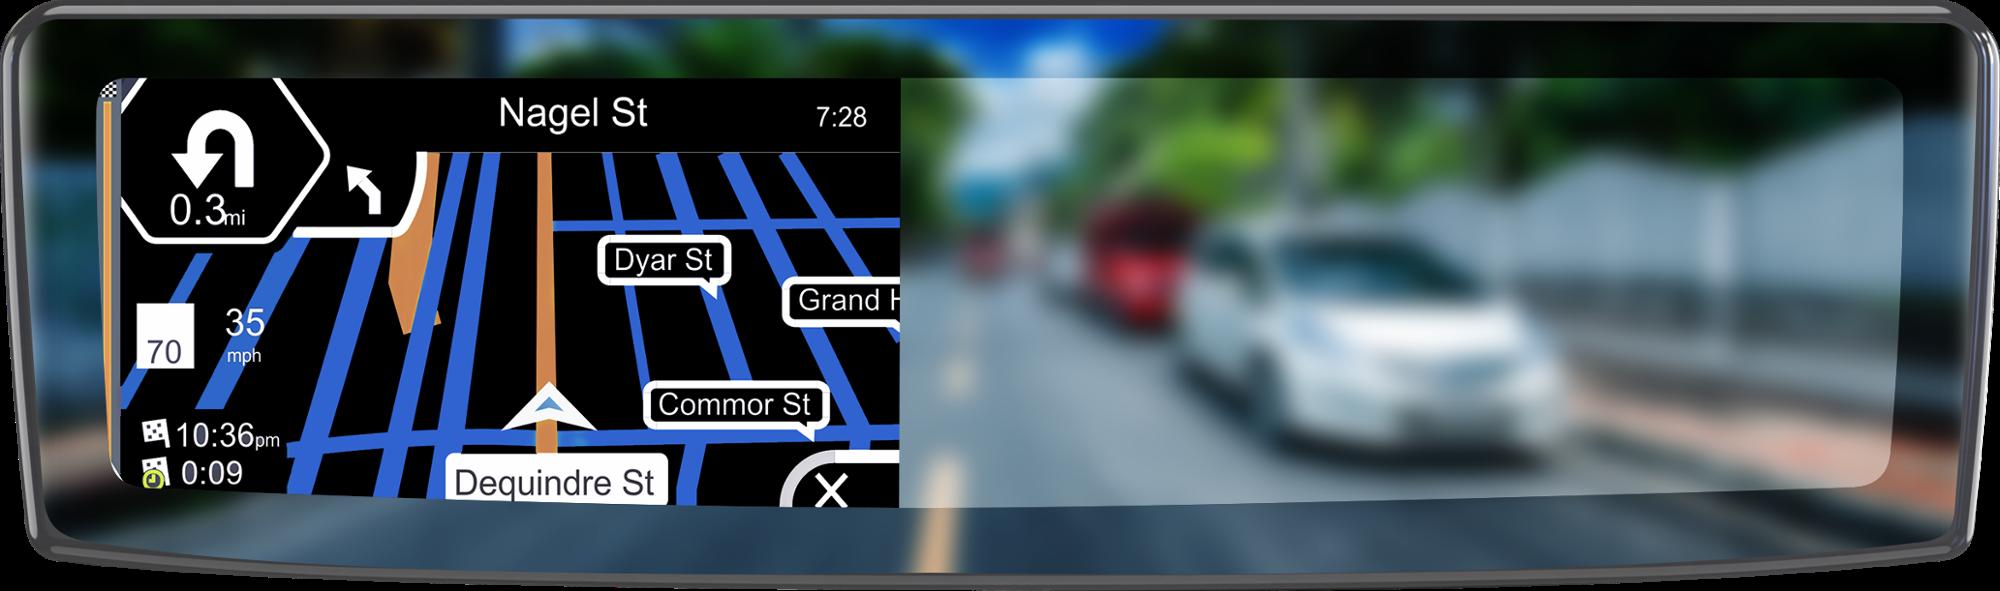 """4.3 """"LCD màn hình gương chiếu hậu máy ảnh hiển thị gps navigation phản ánh bằng USB dây để hoạt động waze bản đồ của google trên android iphone"""